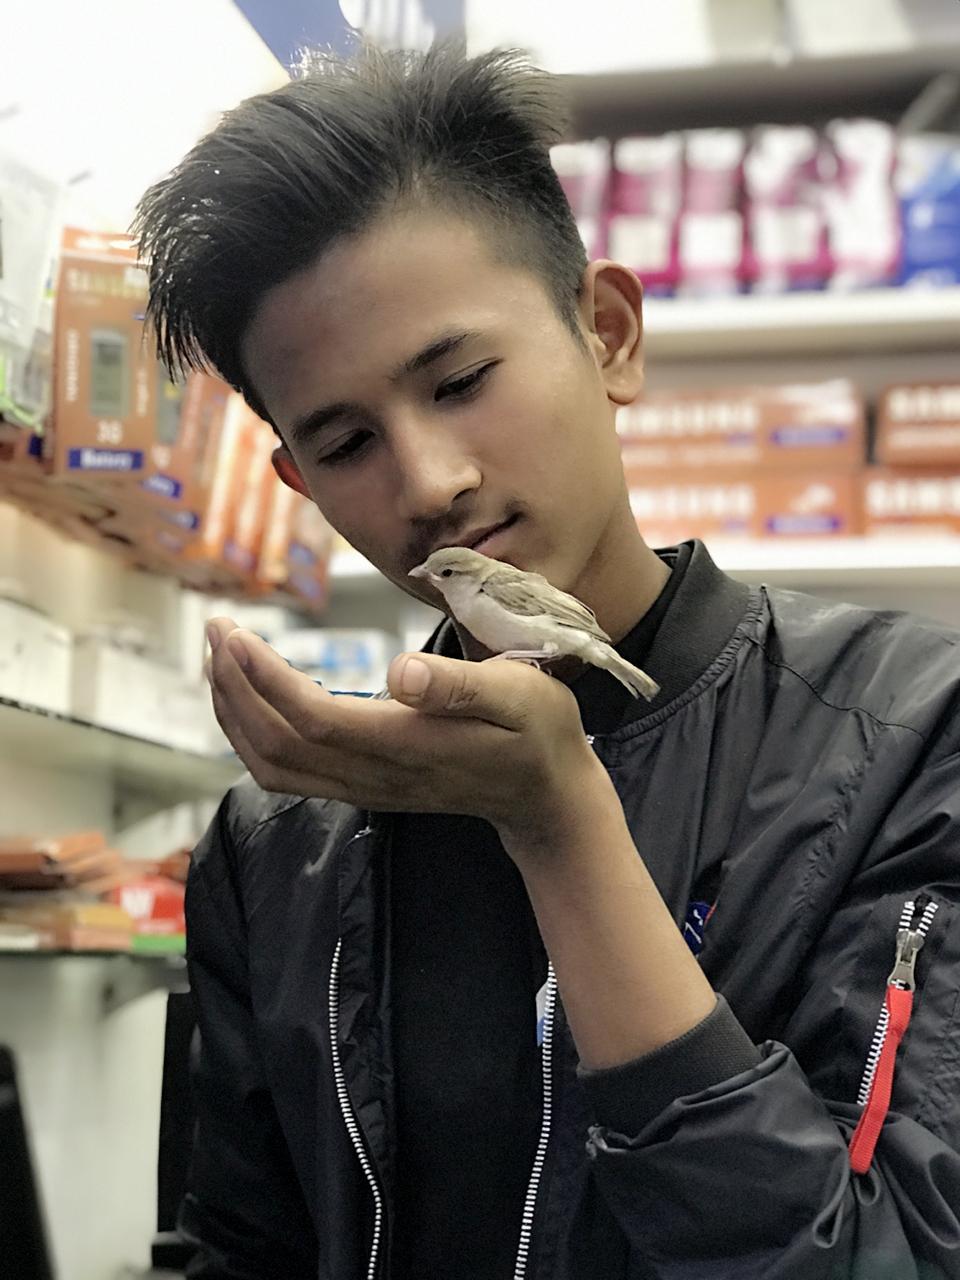 Sanjib Shrestha